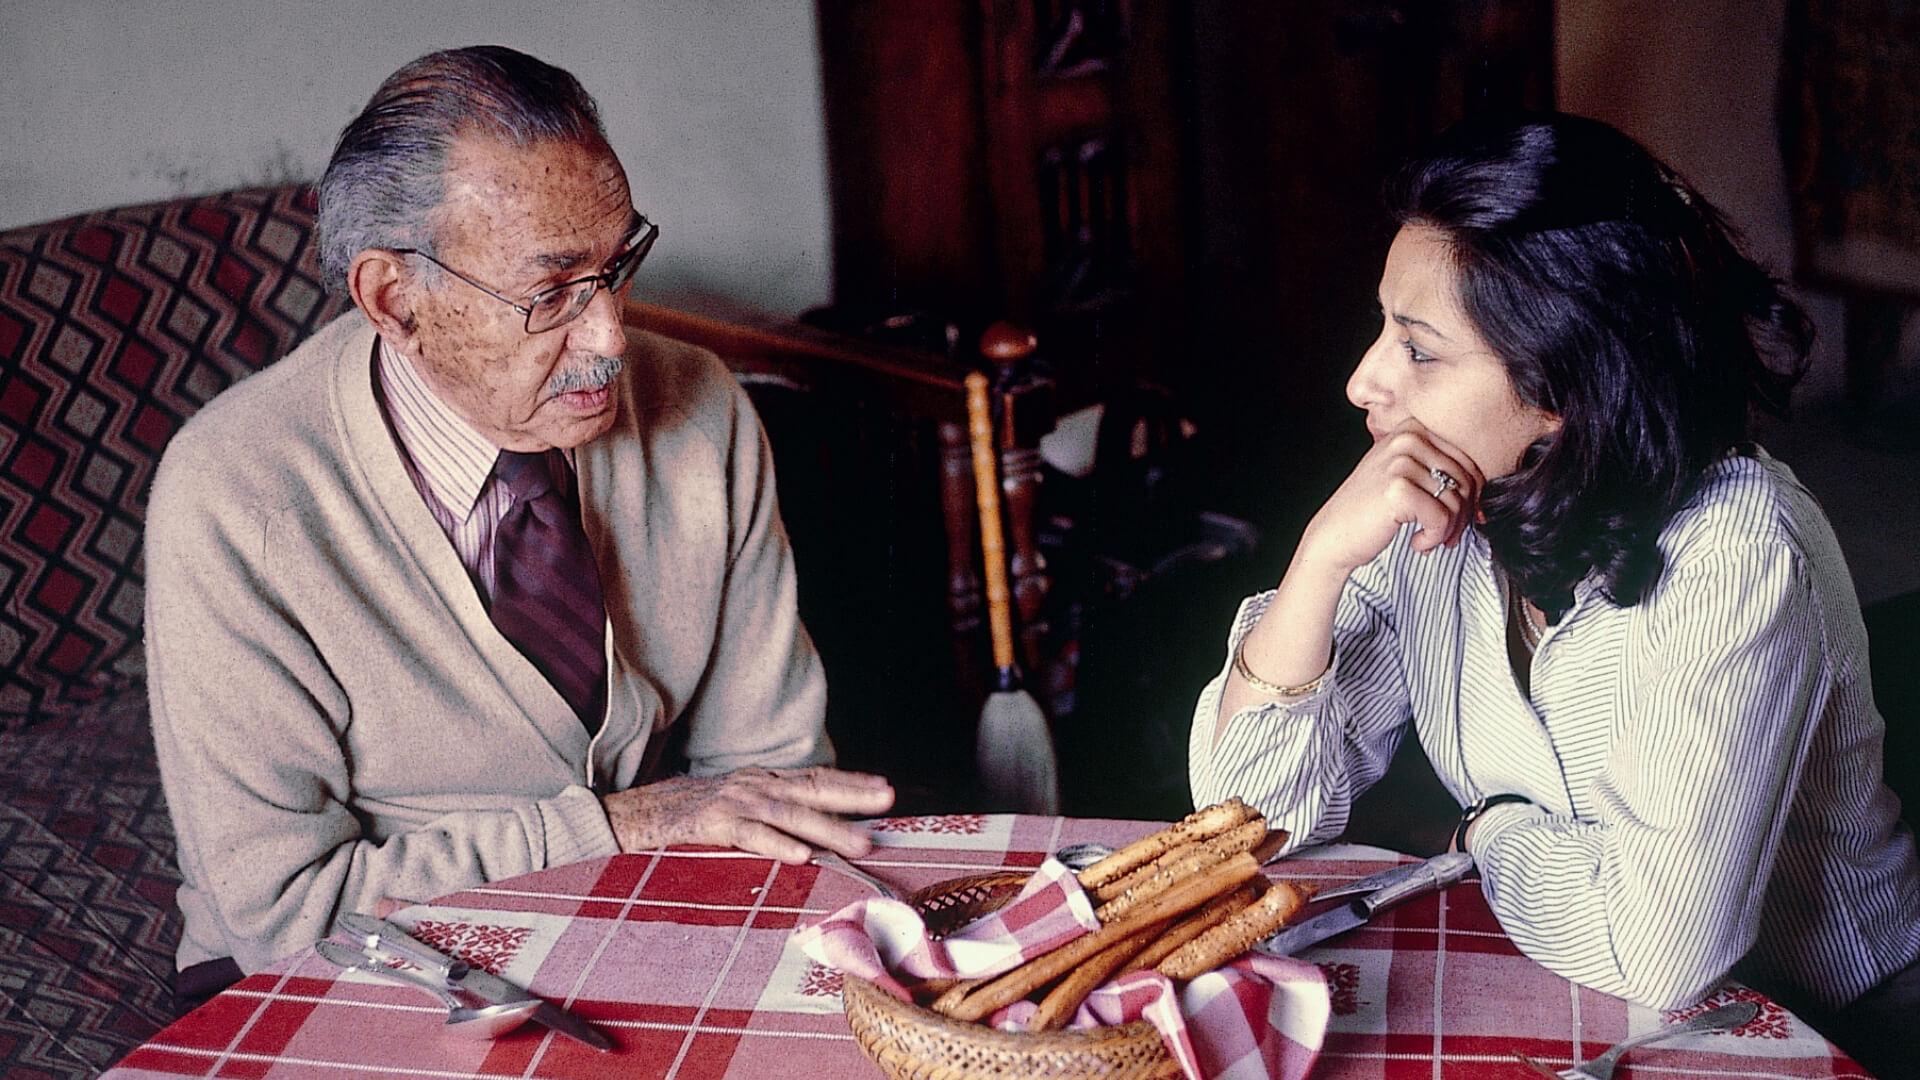 Hassan Fathy with Salma Samar Damluji in Darb el Labbanah, Cairo, 1979 | Salma Samar Damluji | Daw'an Mud Brick Architecture Foundation | Women in Design 2020+ | STIRworld